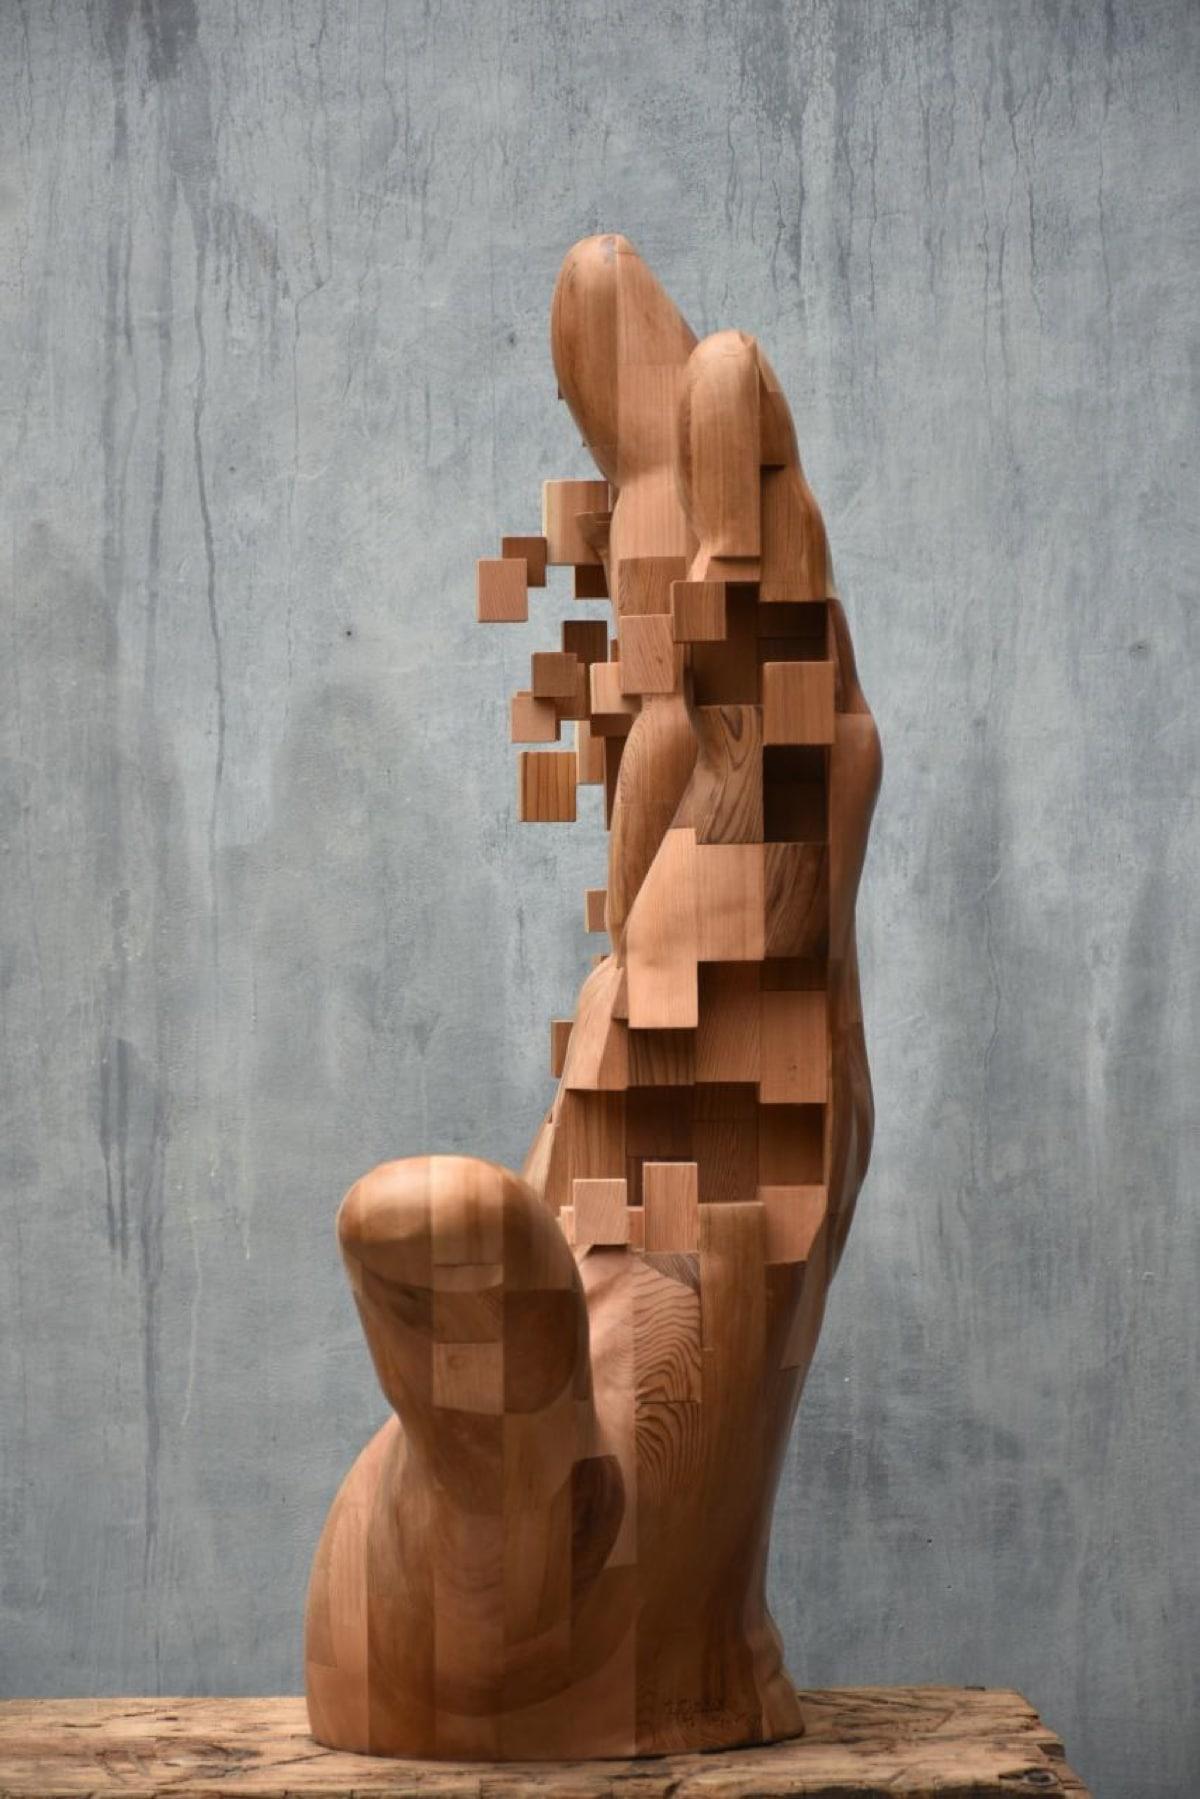 Hsu Tung Han esculturas pixeladas